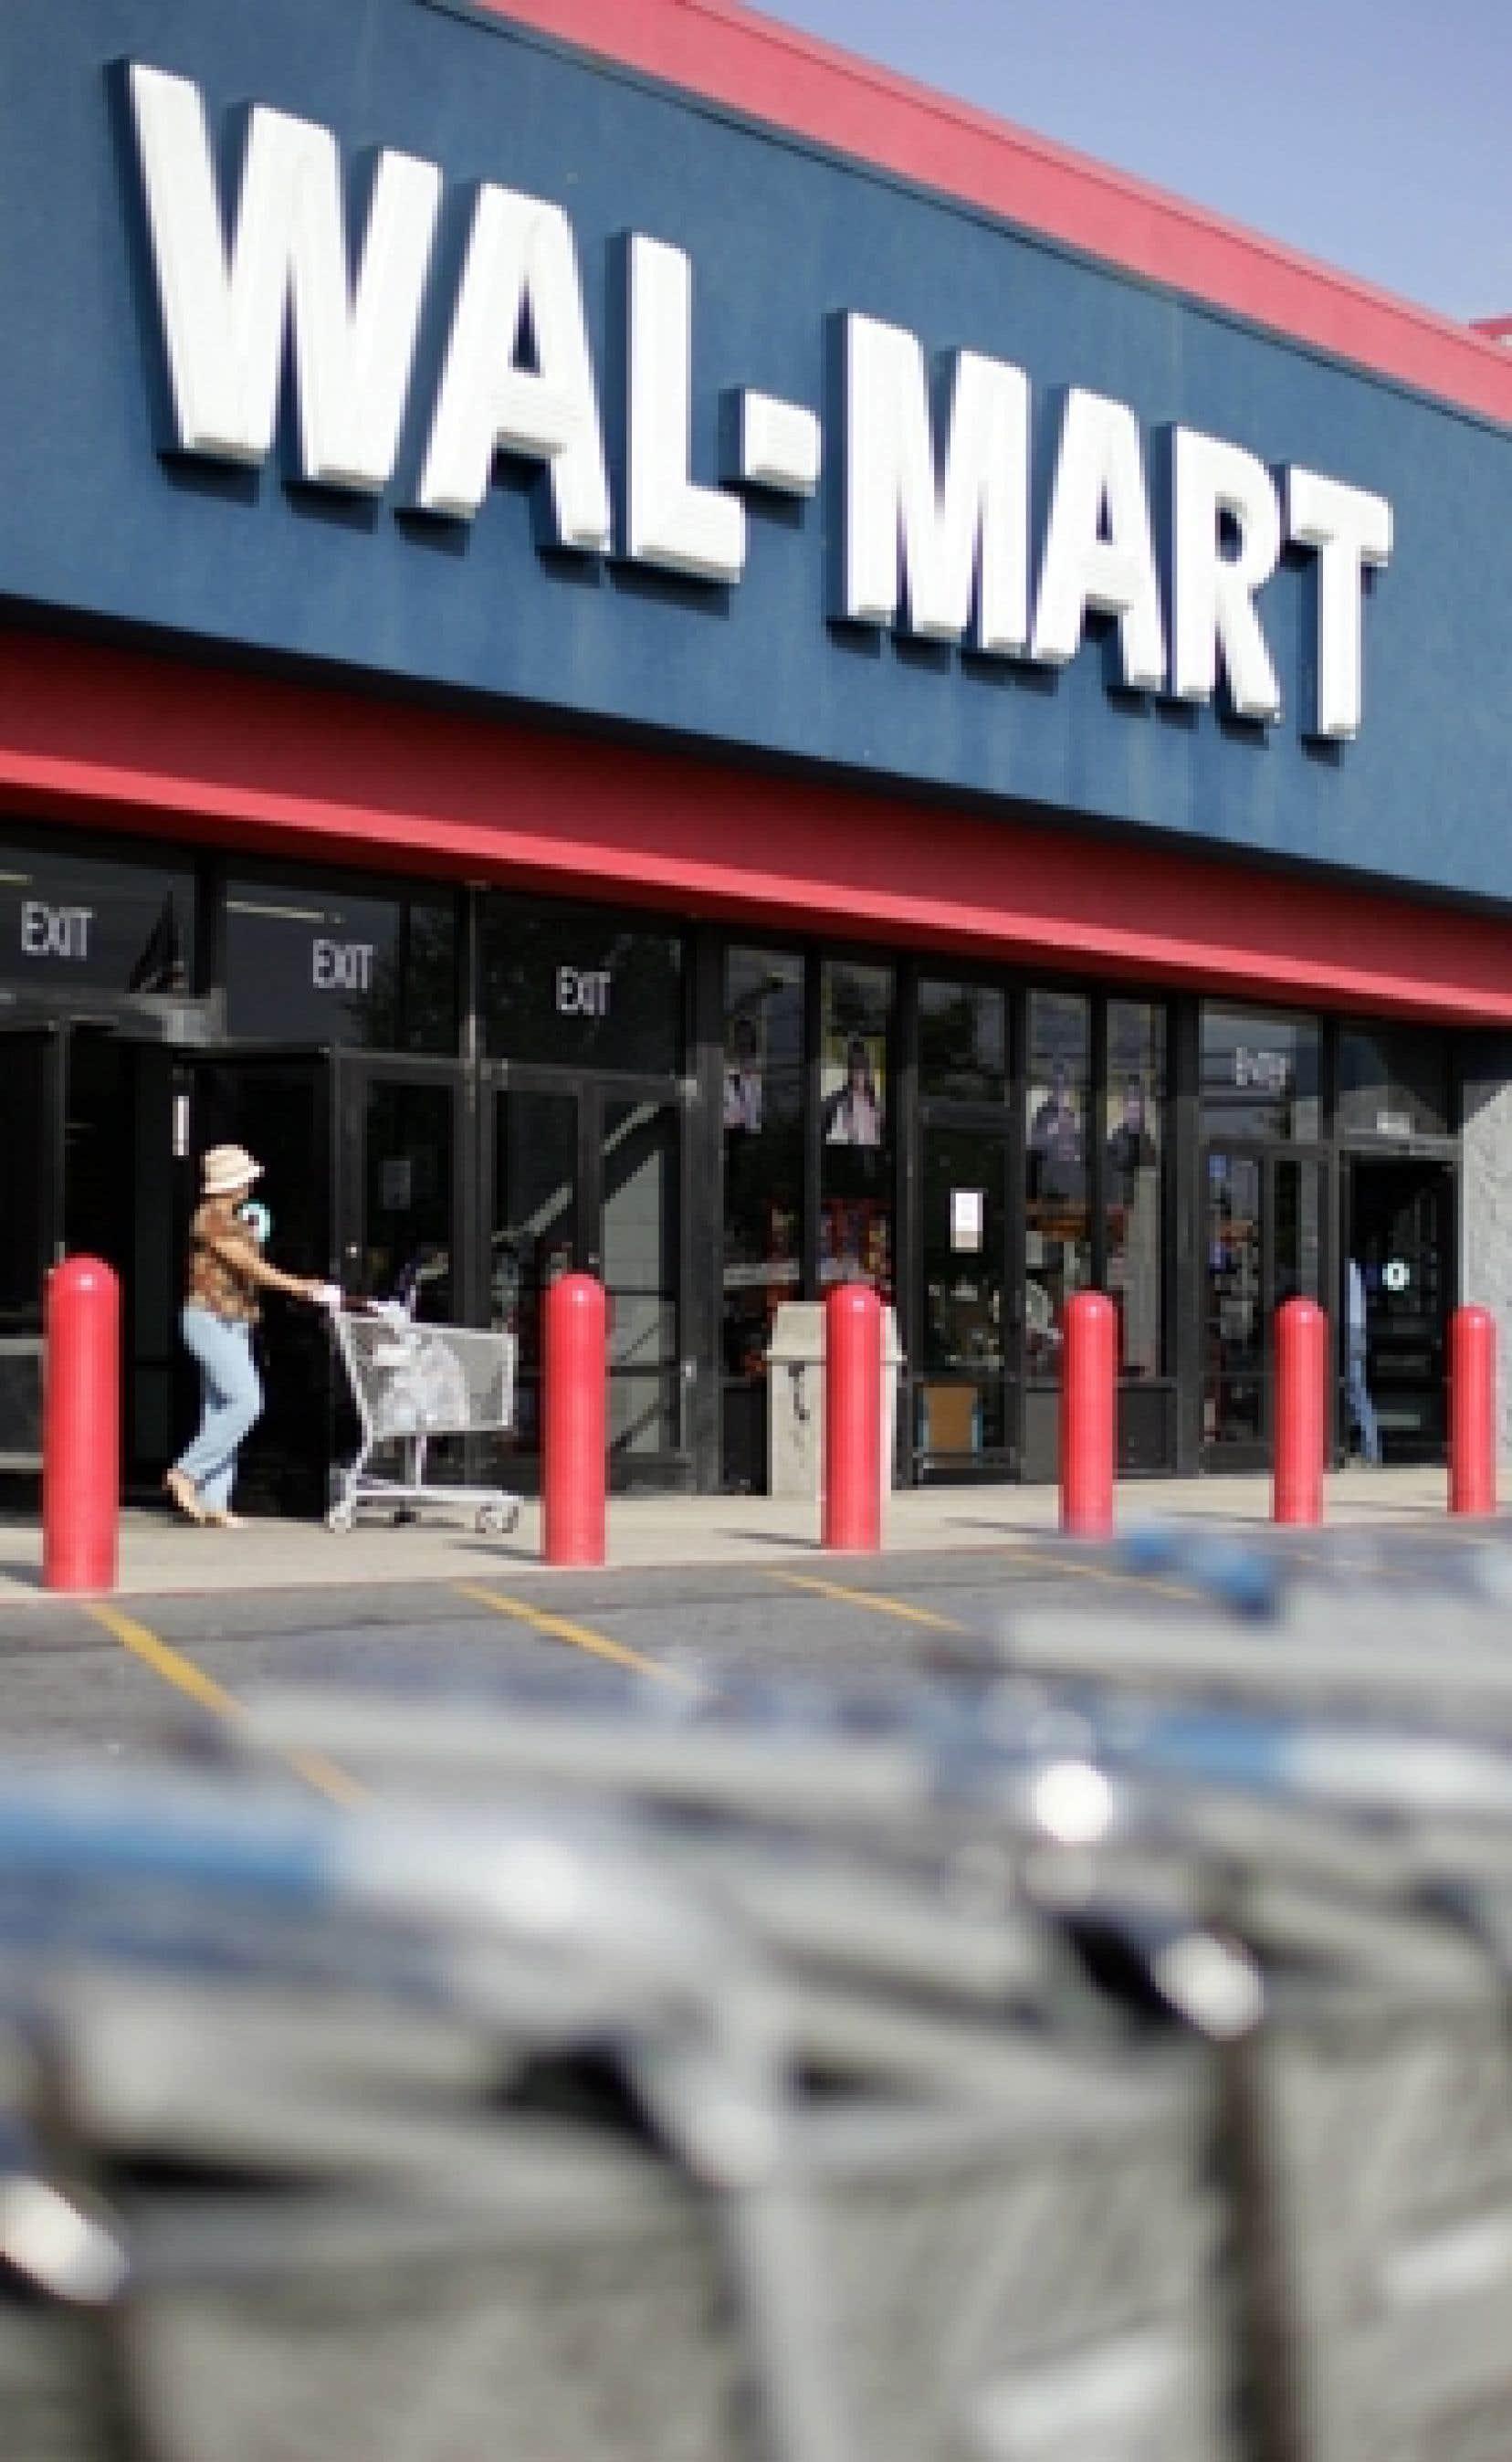 Dépeint par ses plus féroces critiques comme un modèle d'encouragement à la surconsommation, Wal-Mart a rencontré des PME venues d'un peu partout au Québec lui présenter leurs produits «biologiques, écologiques et équitables».